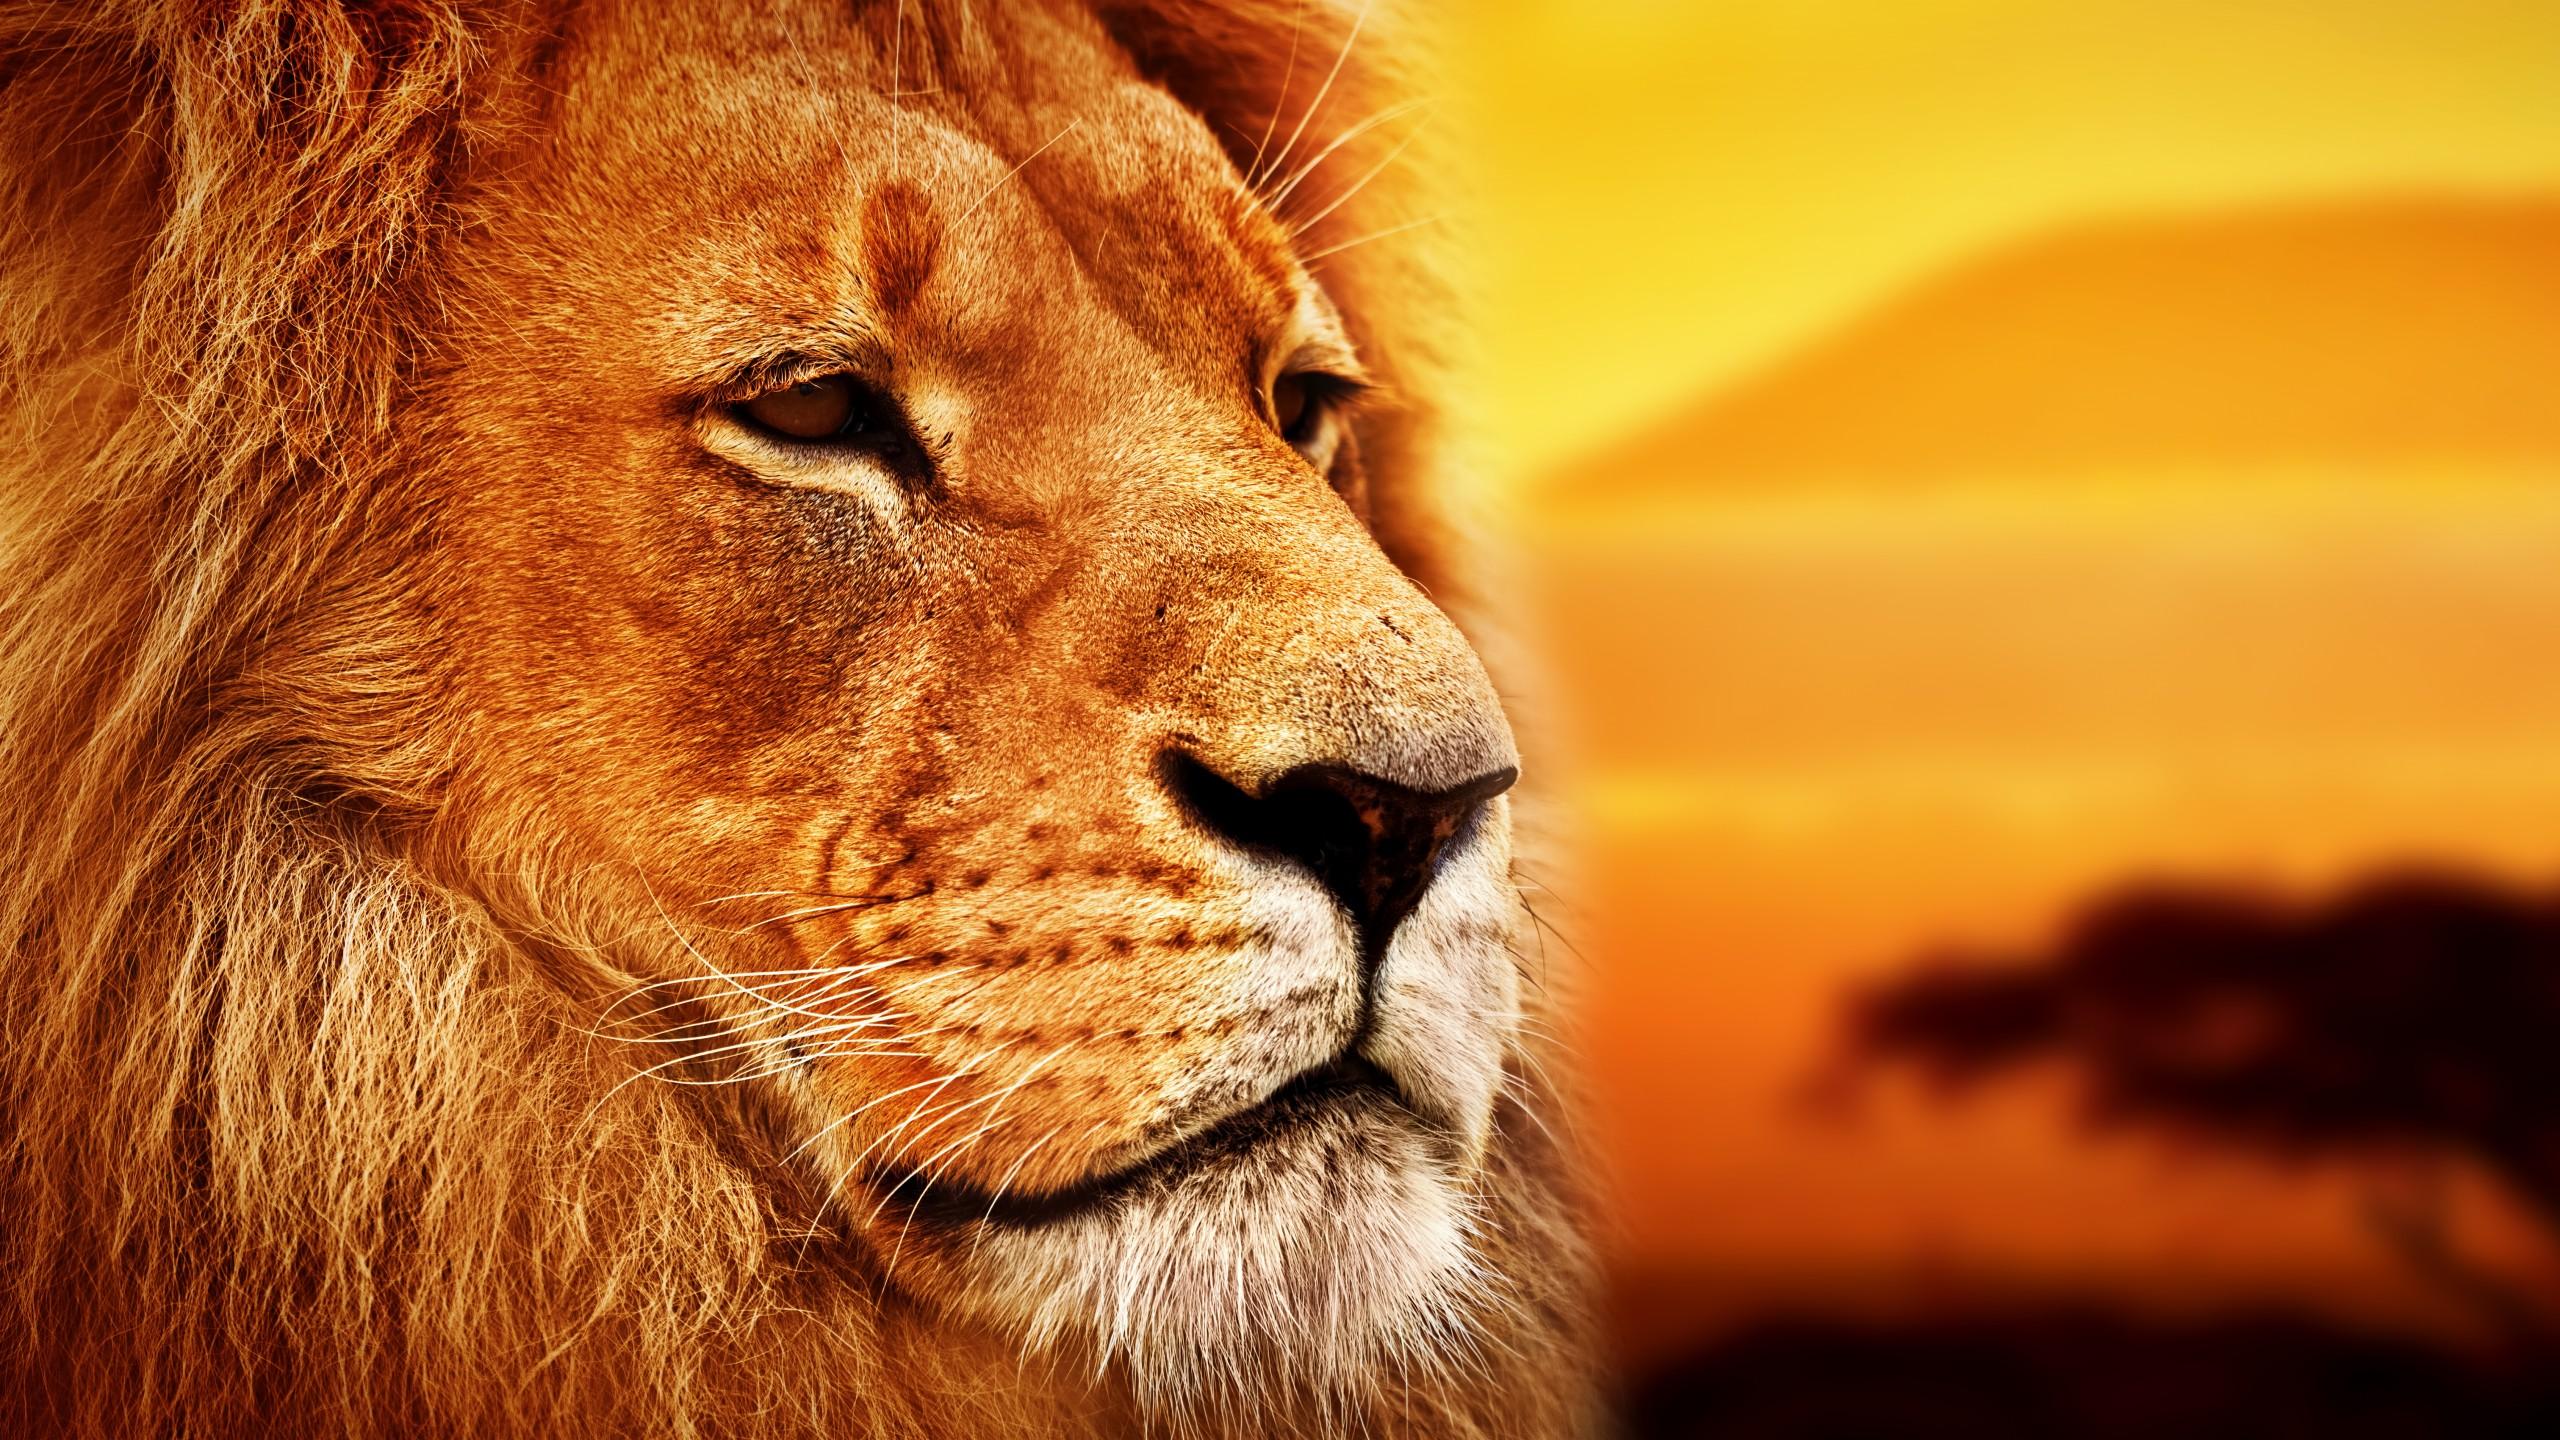 произошло картинки на рабочий стол люди и львы главу поселения